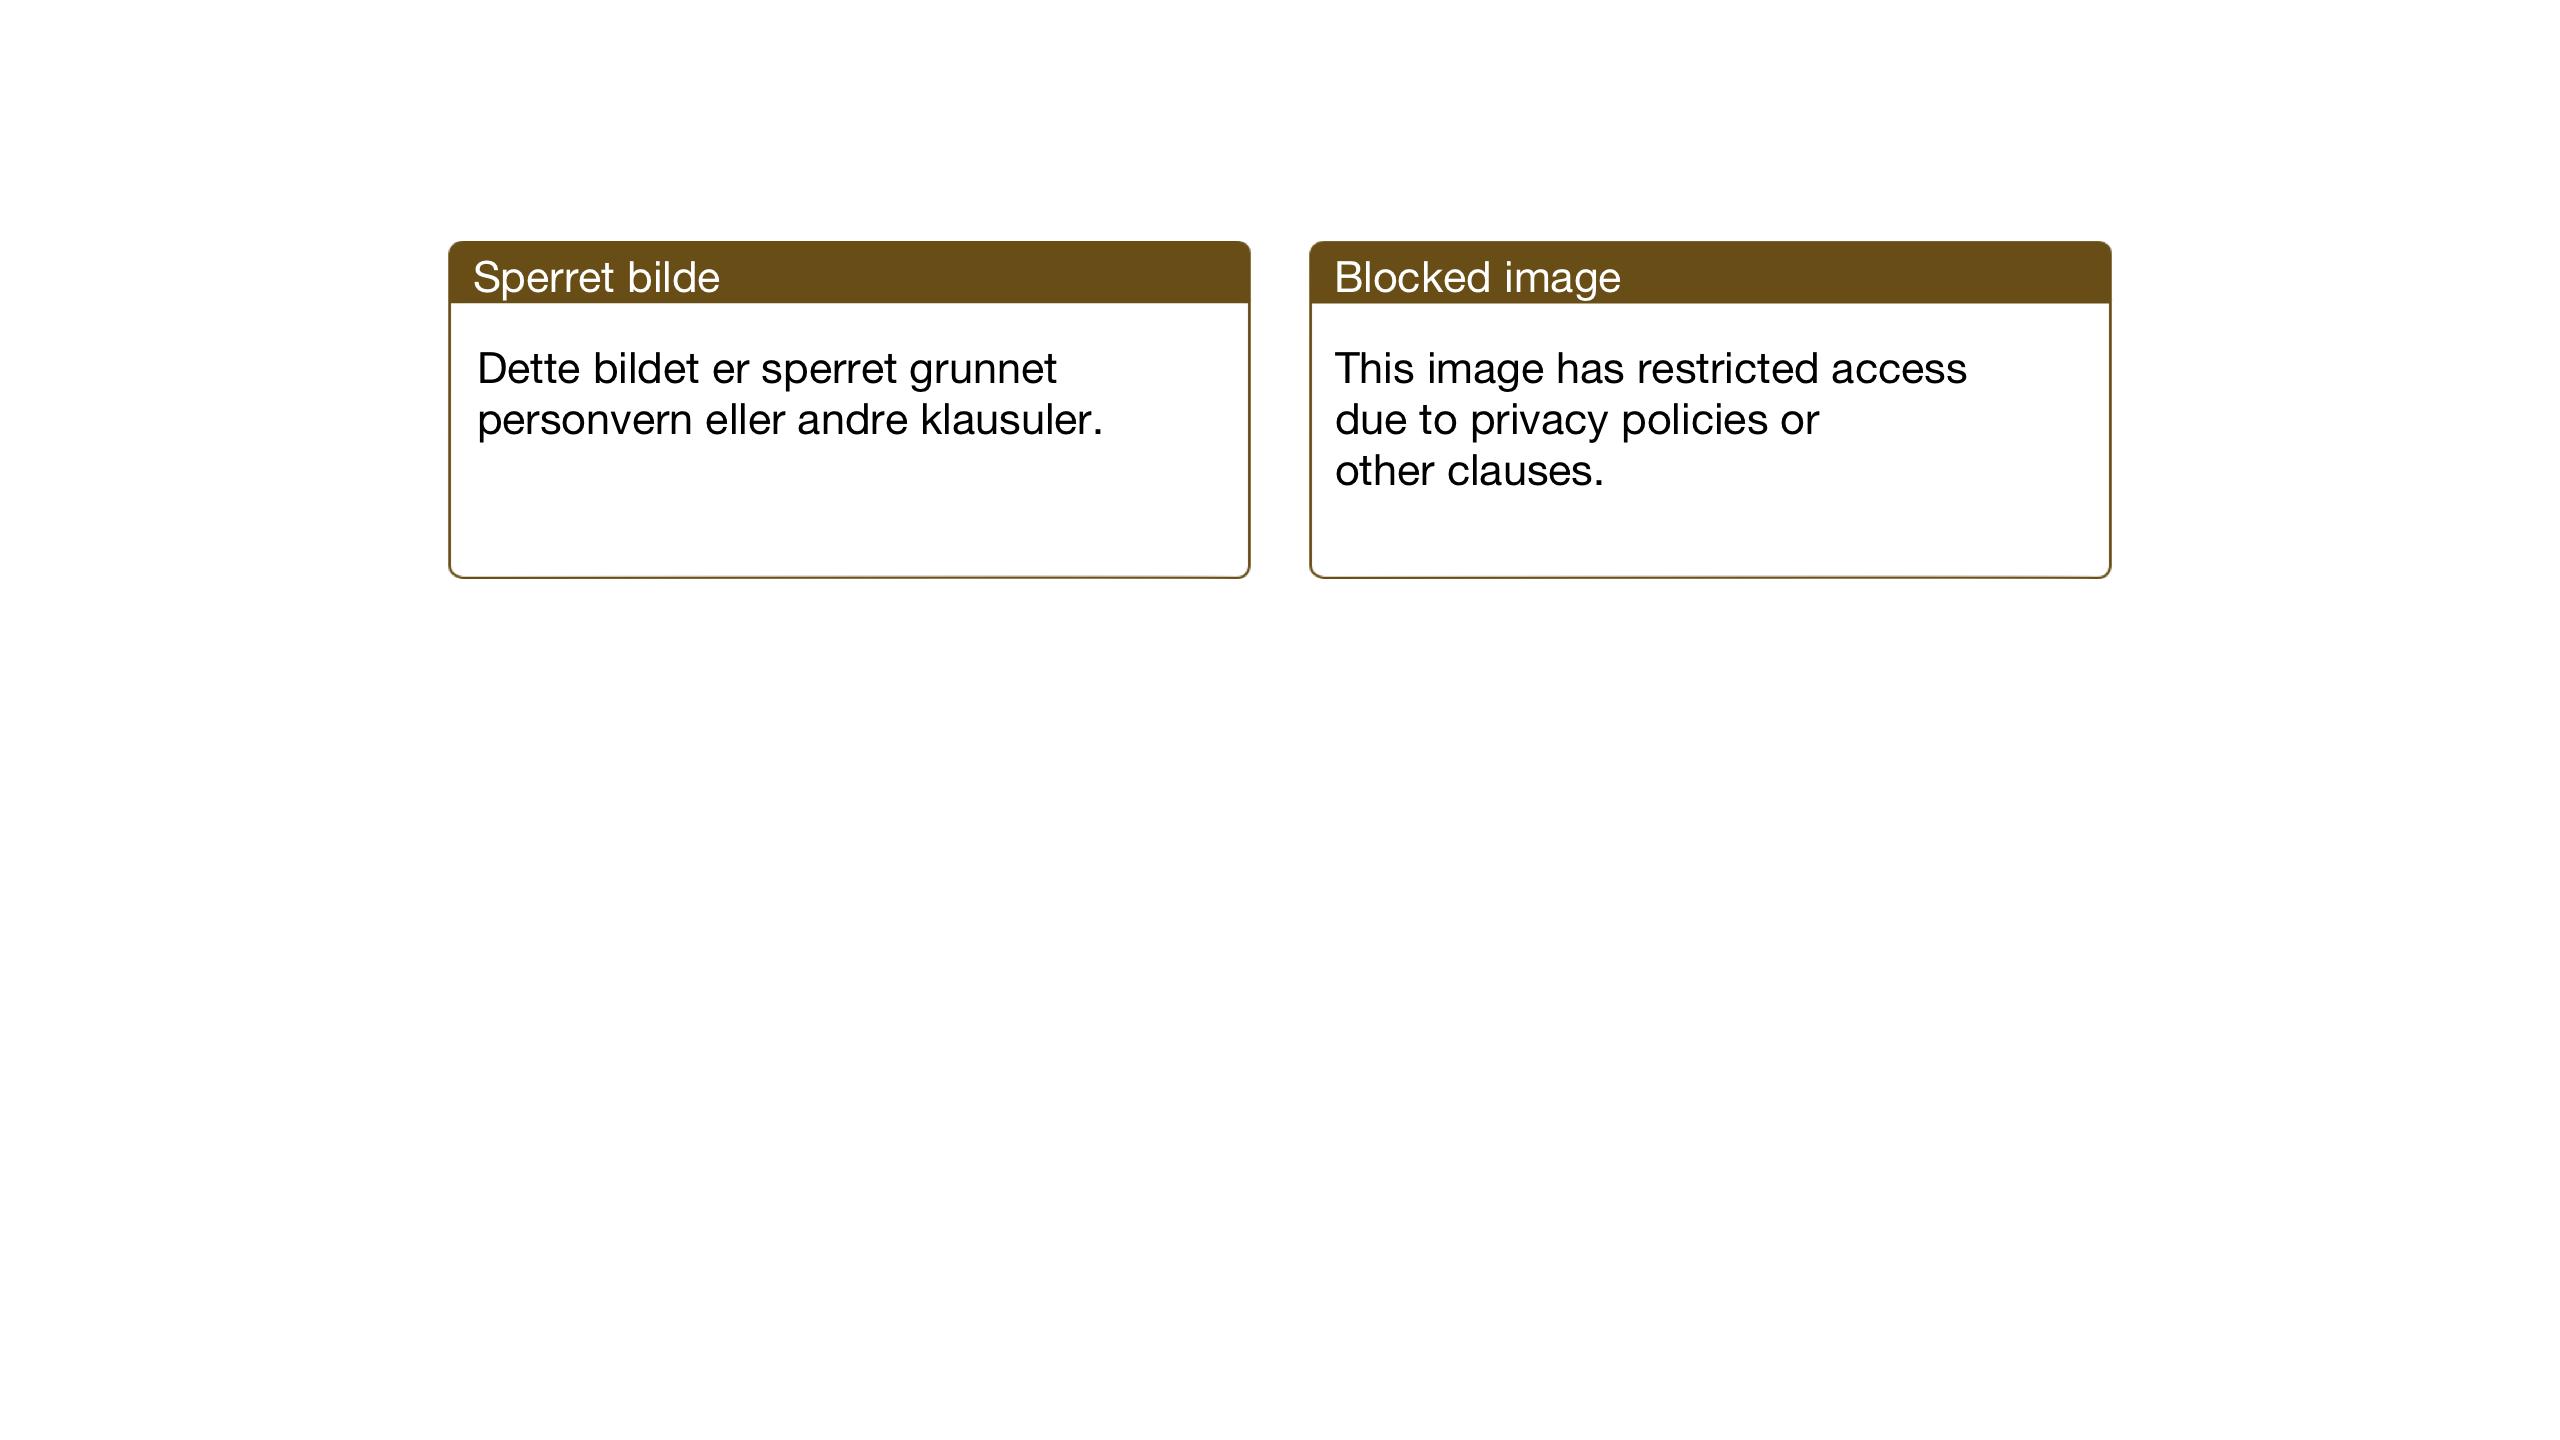 SAT, Ministerialprotokoller, klokkerbøker og fødselsregistre - Nord-Trøndelag, 713/L0125: Klokkerbok nr. 713C02, 1931-1941, s. 24